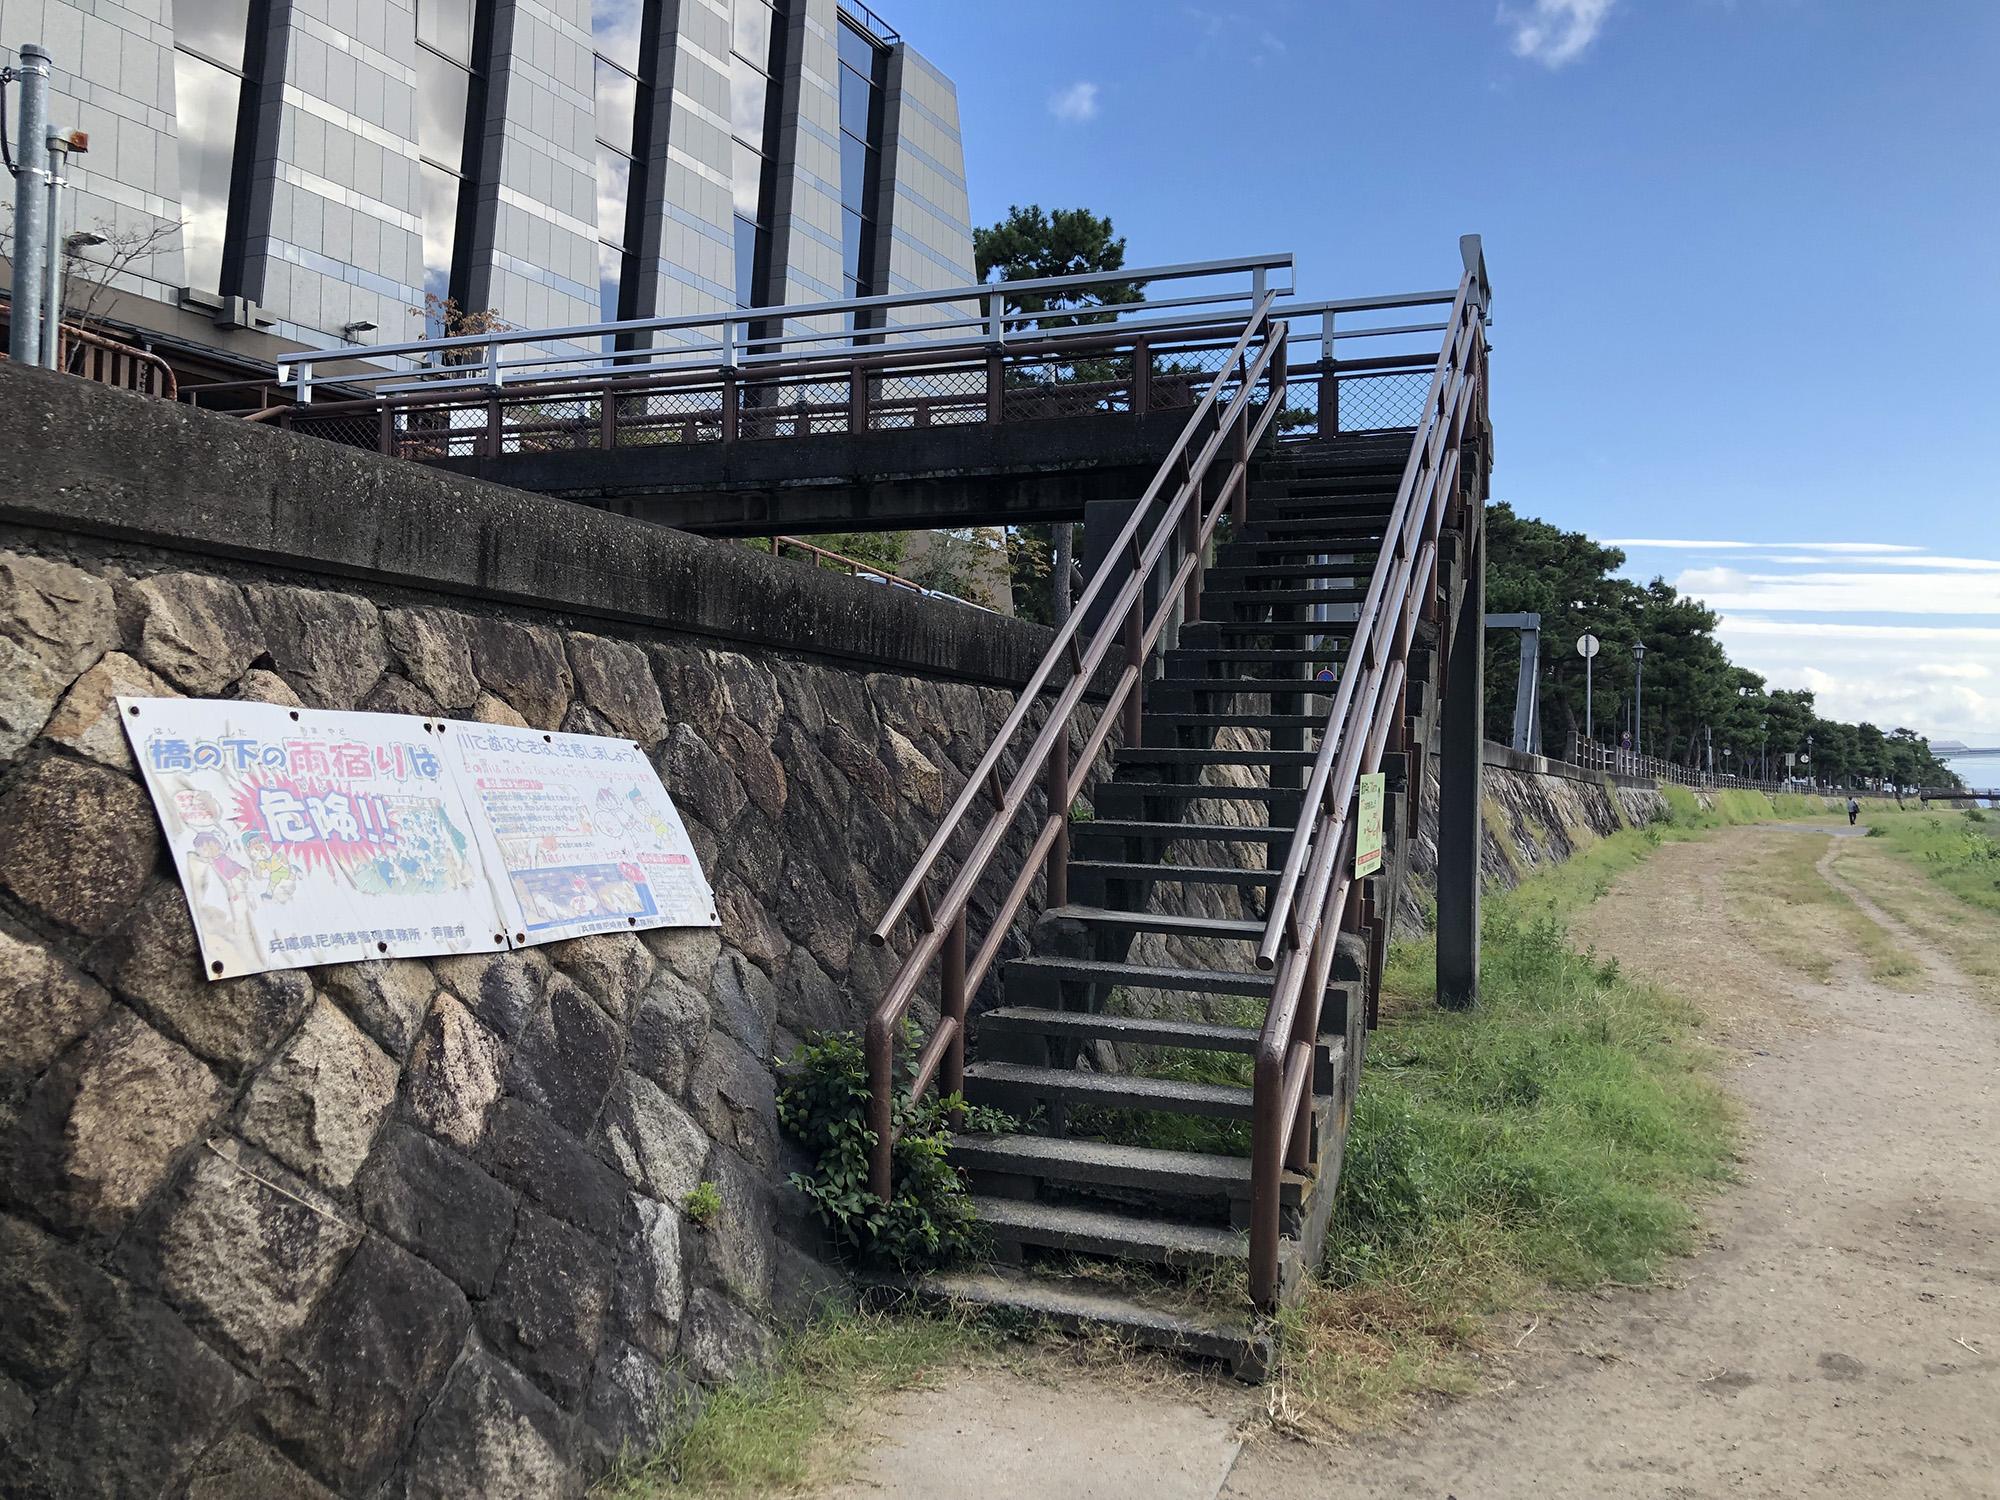 ツツジ橋とクロマツ橋が撤去へ